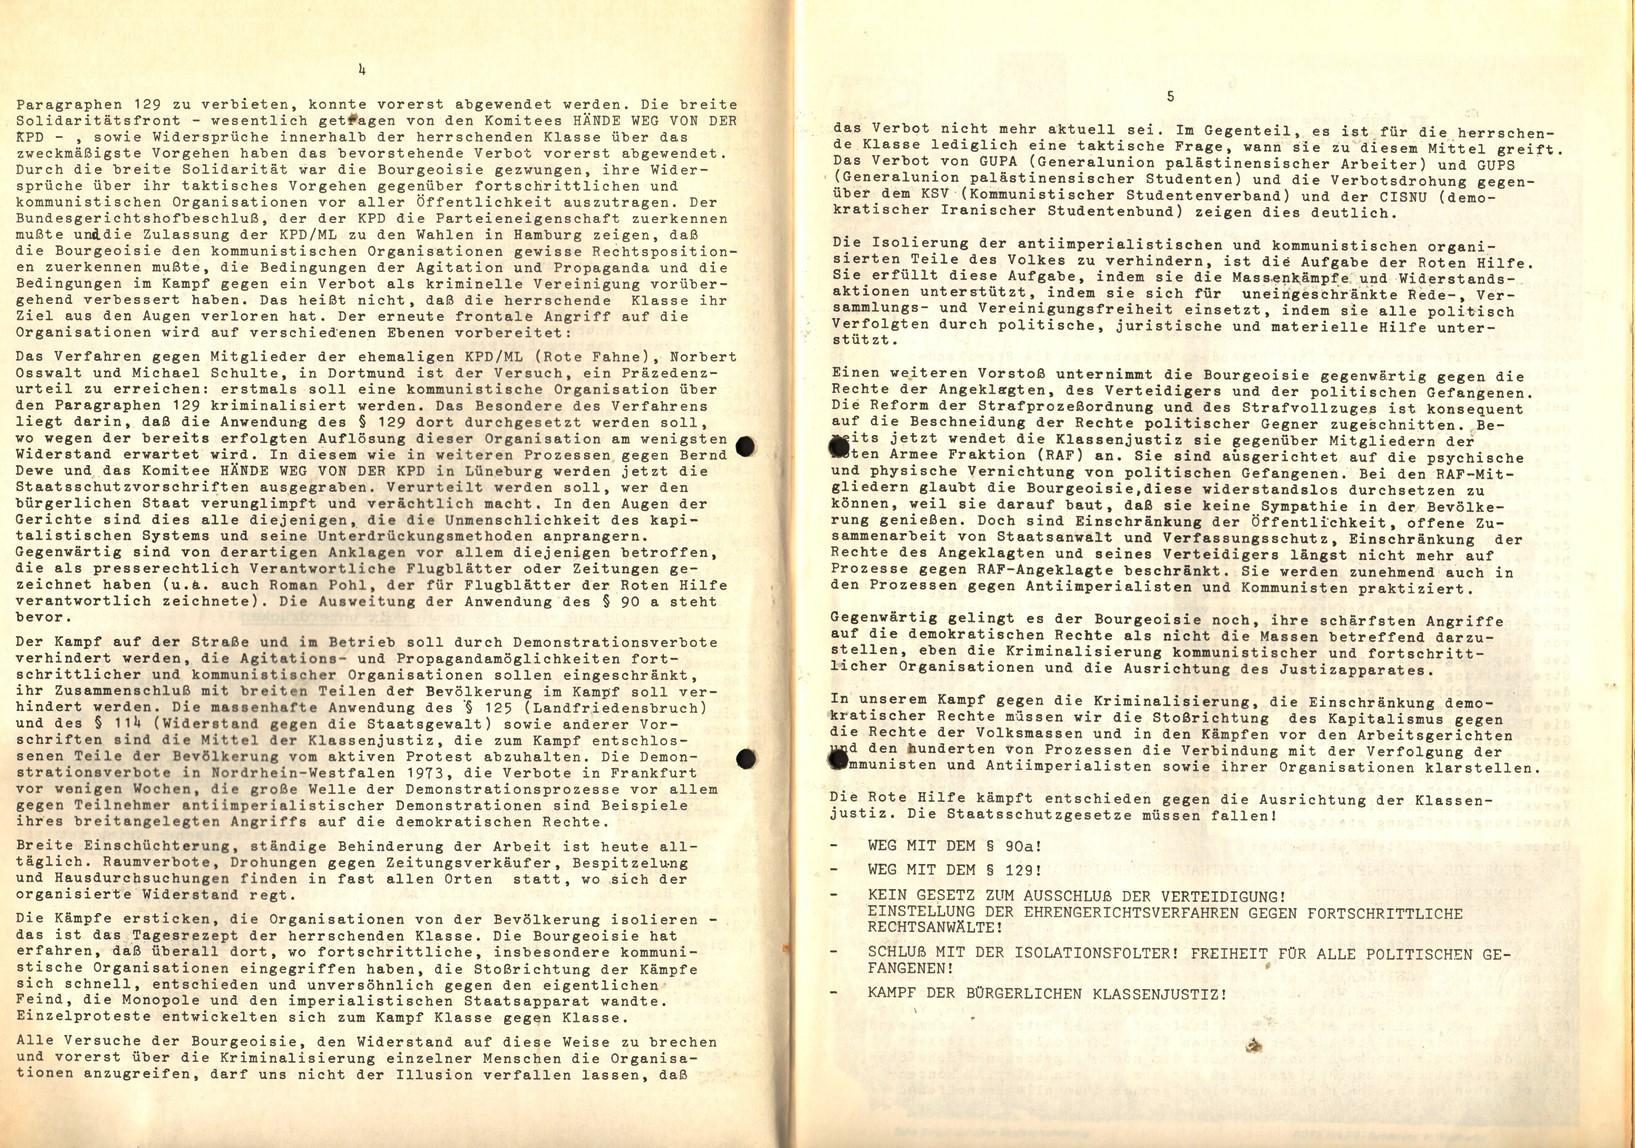 Dortmund_RHev_1974_Rechenschaftsbericht_04